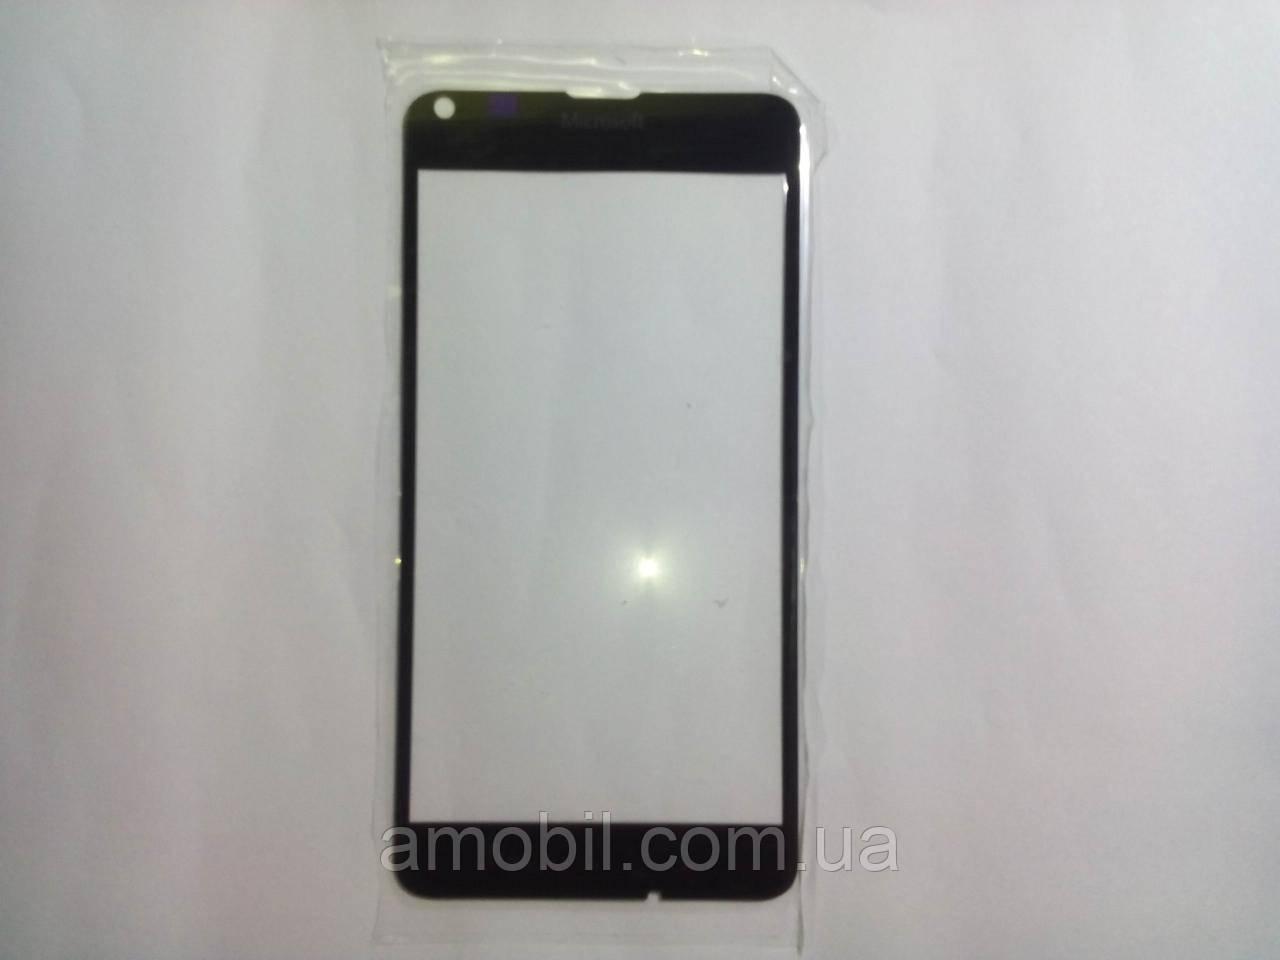 Стекло дисплея Nokia Lumia 640 black orig